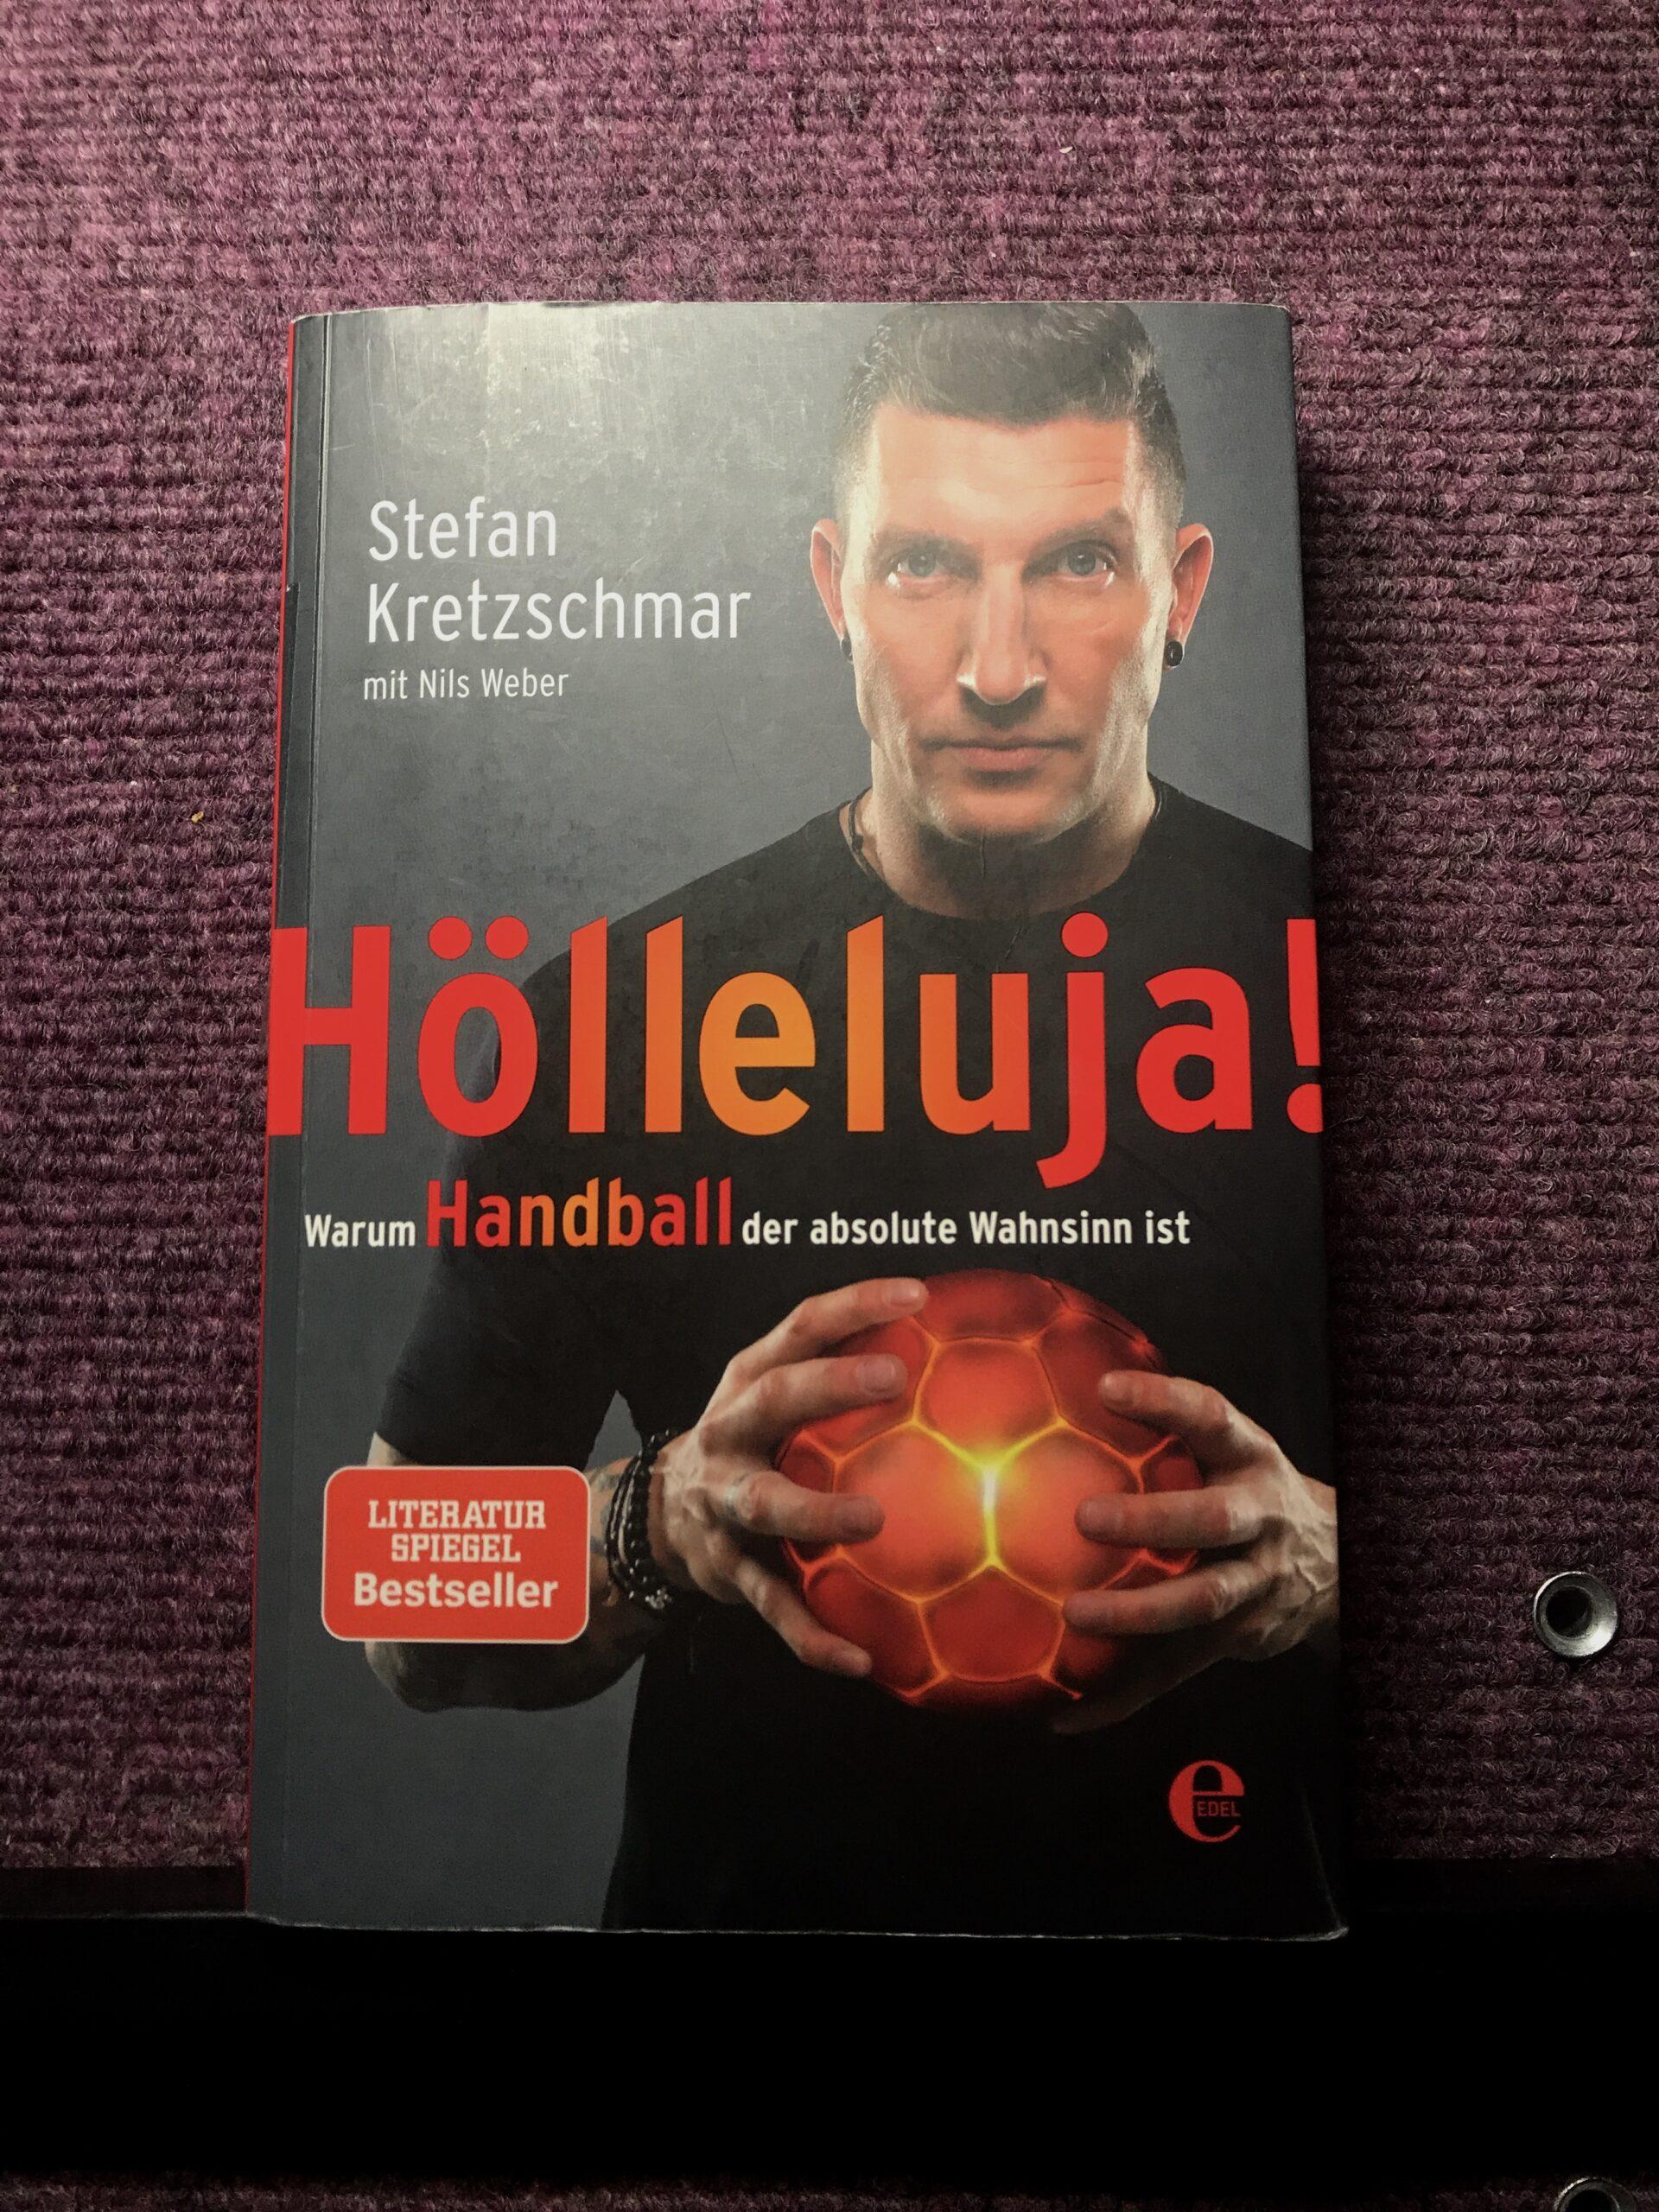 """Coverbild des Spielgel-Bestseller """"Hölleluja. Warum Handball der absolute Wahnsinn ist"""". Stefan Kretzschmar mit dunklen kurzen Haaren und in einem schwarzen T-Shirt, blickt in die Kamera. Mit beiden Händen packt der einen Handball. Der Handball ist glutrot eingefärbt, Foto: Florian Eib."""